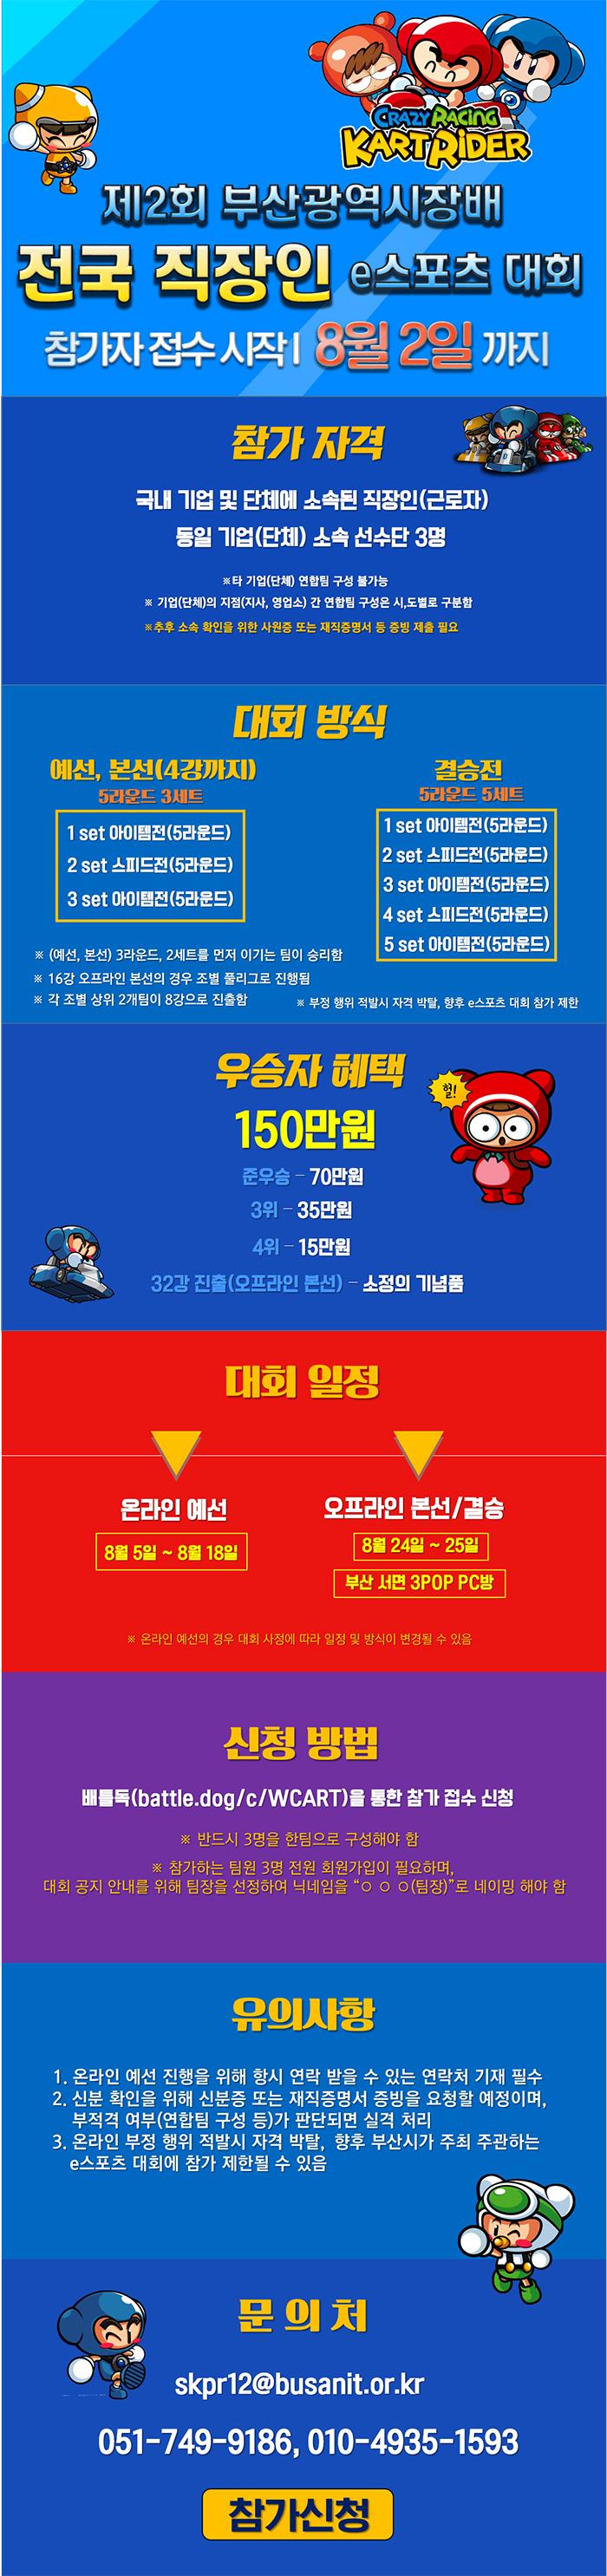 제2회 부산광역시장배 전국 직장인 카트라이더 e스포츠 대회 참가자 모집